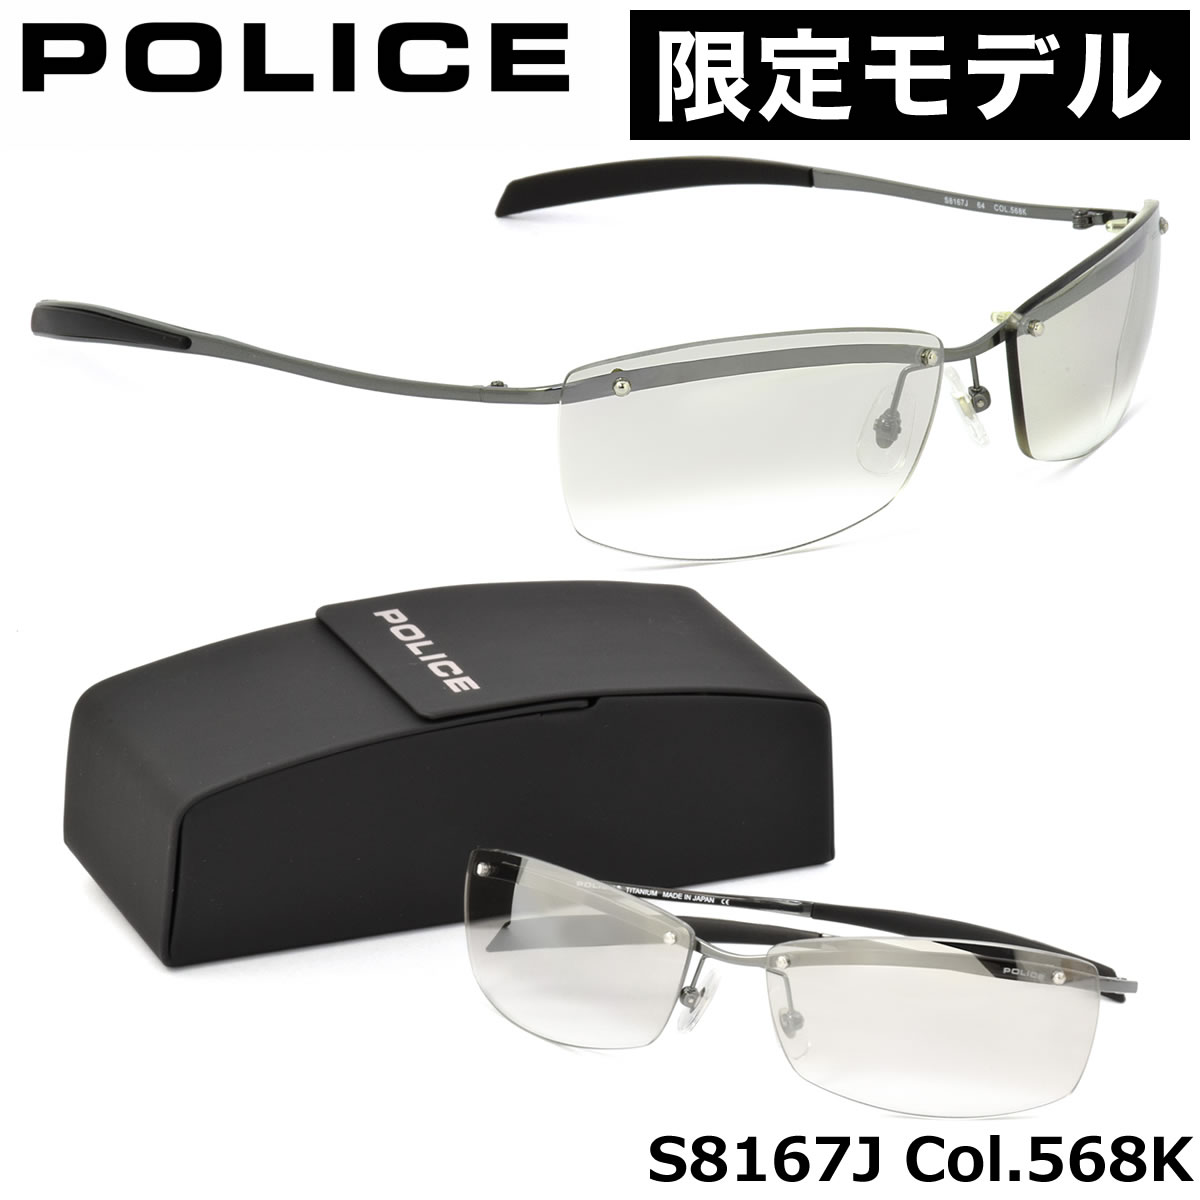 【10月30日からエントリーで全品ポイント20倍】ポリス POLICE サングラスS8167J 568K 64サイズ限定復刻 限定モデル スクエア ミラー チタン ツーポイントポリス POLICE メンズ レディース